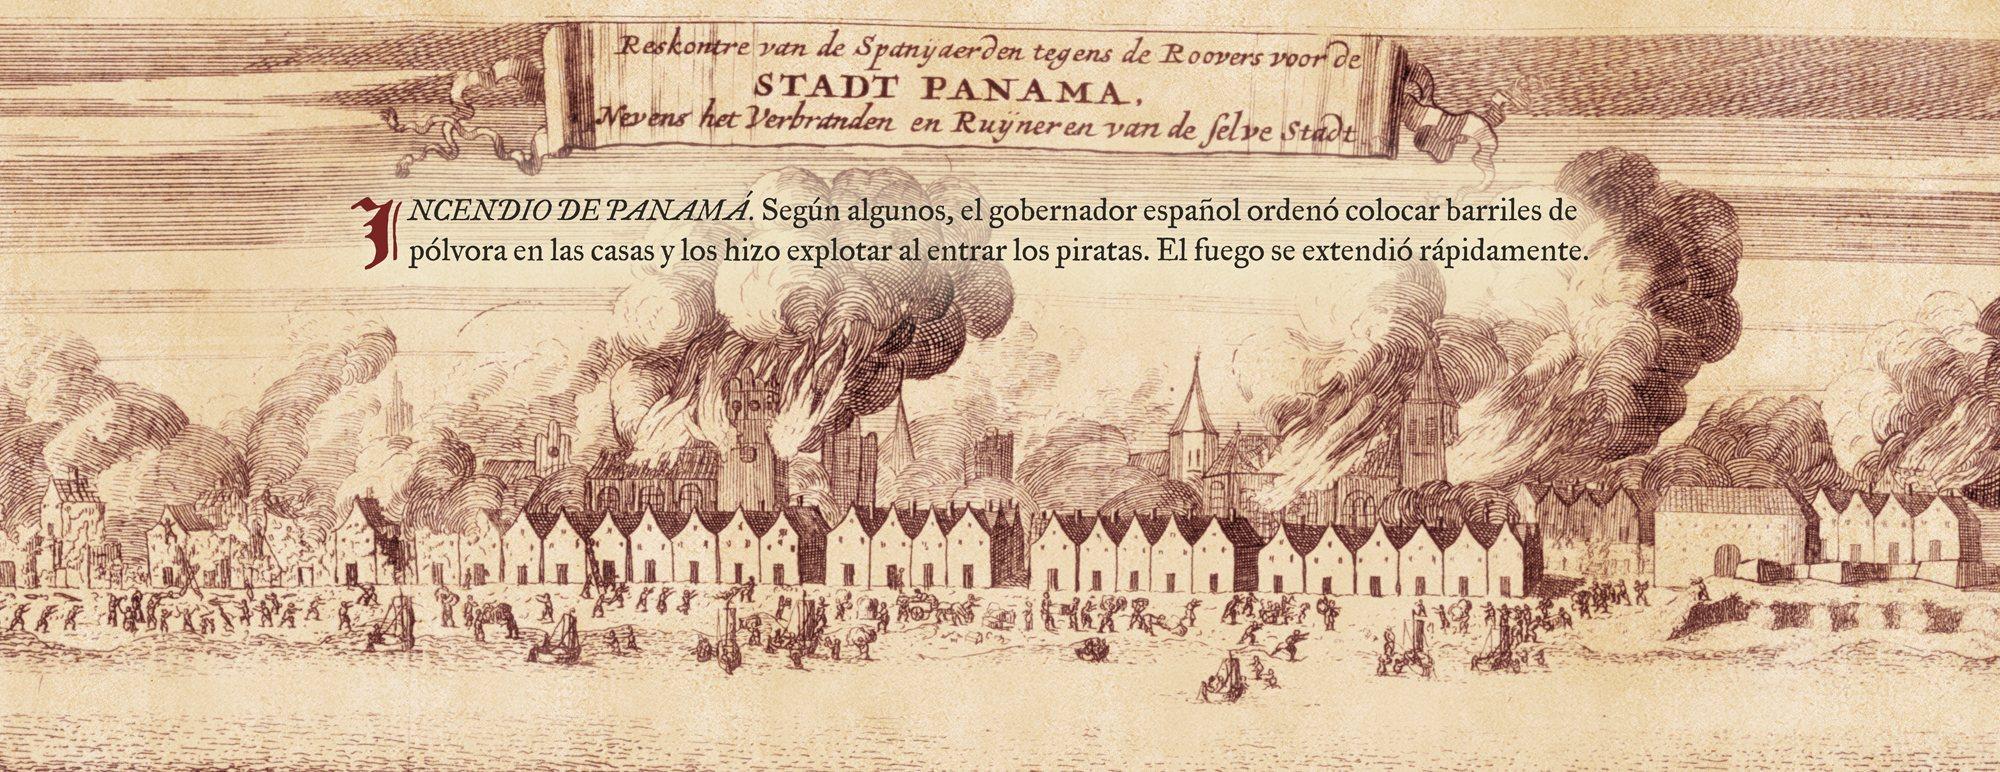 Incendio de Panamá